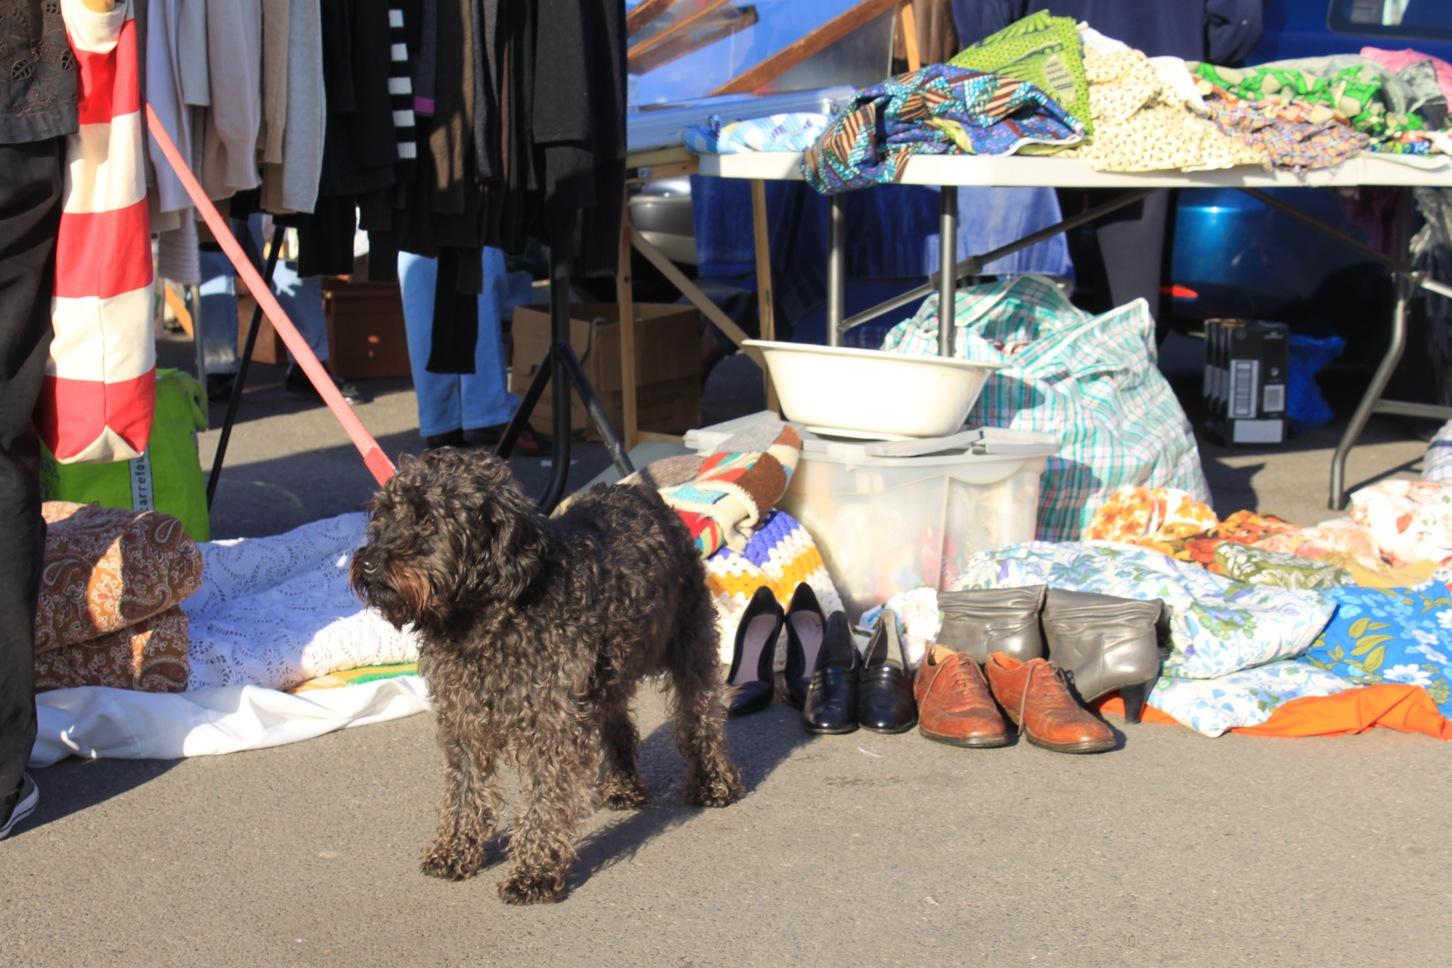 Kempton Antique Market_a0137487_1856193.jpg